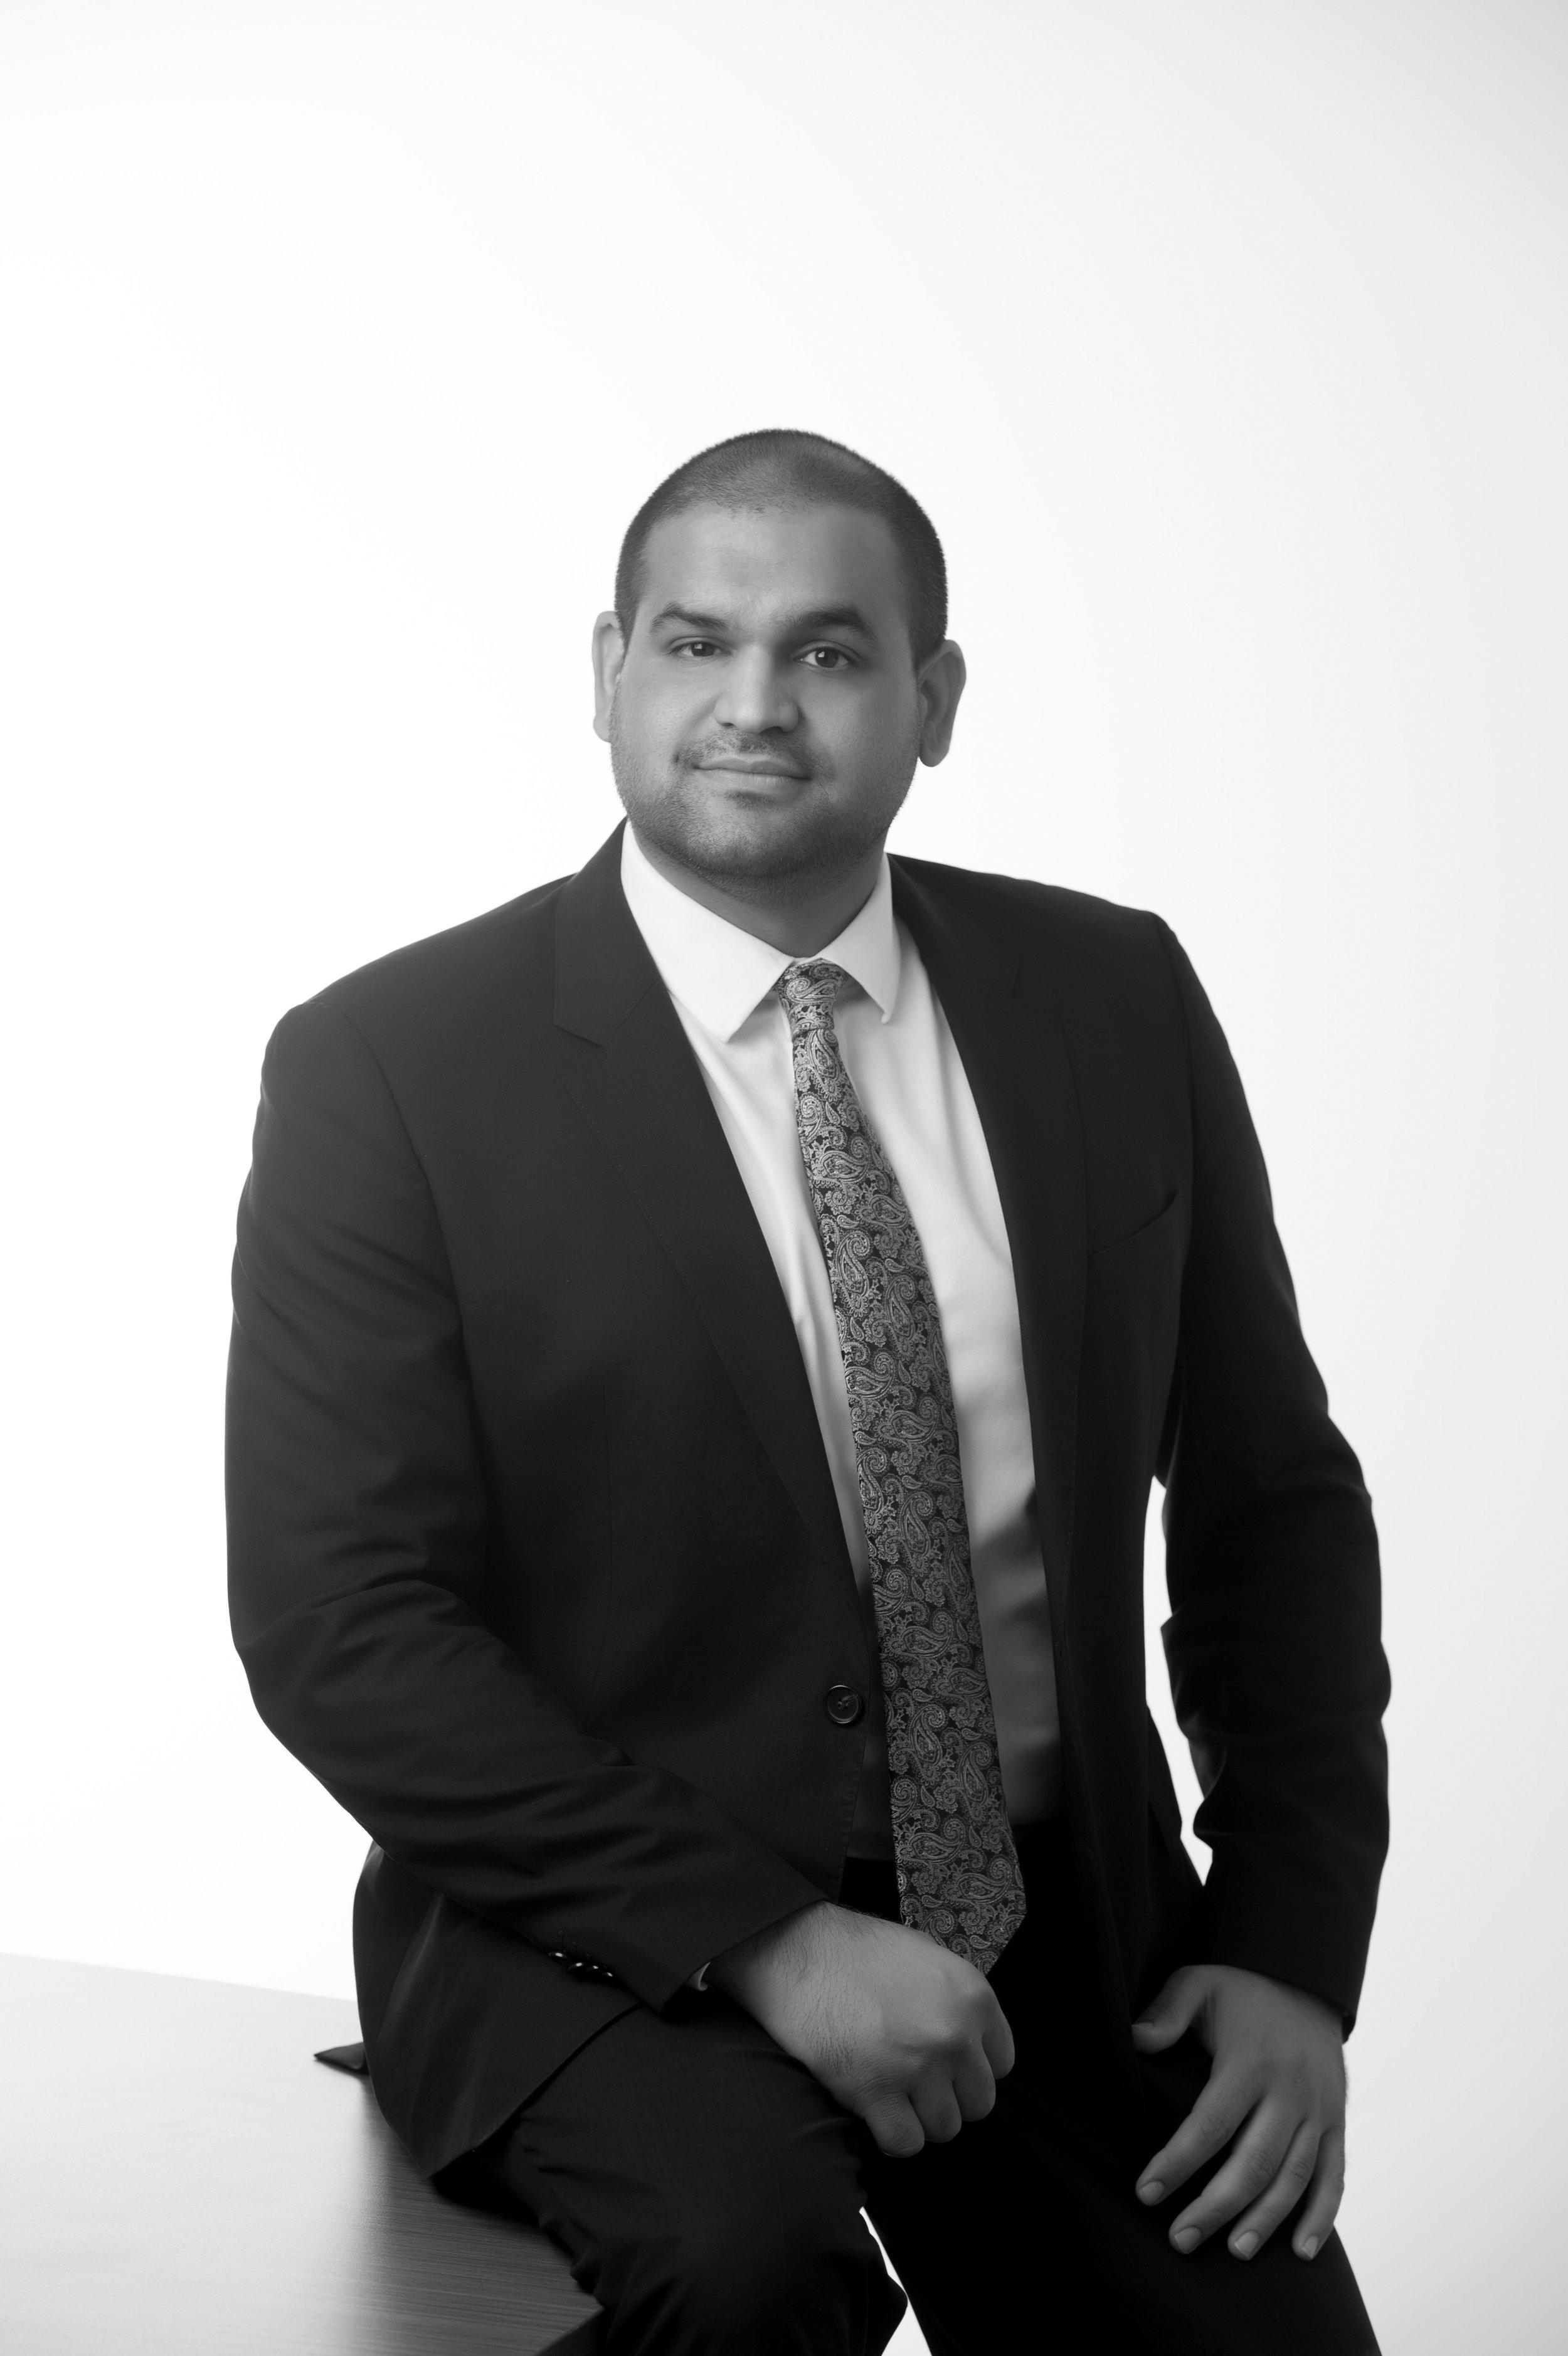 Mandeep Badyal Lawyer | Badyal Toor Law